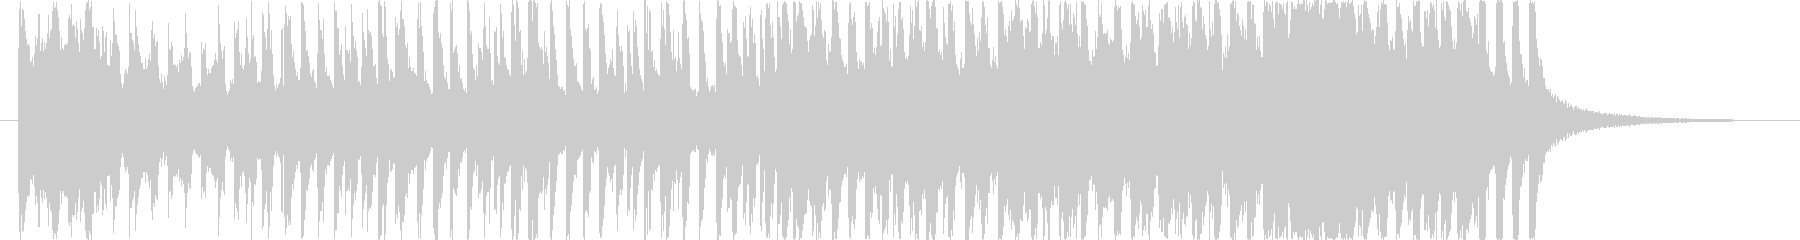 軽快な雰囲気のポップスの未再生の波形